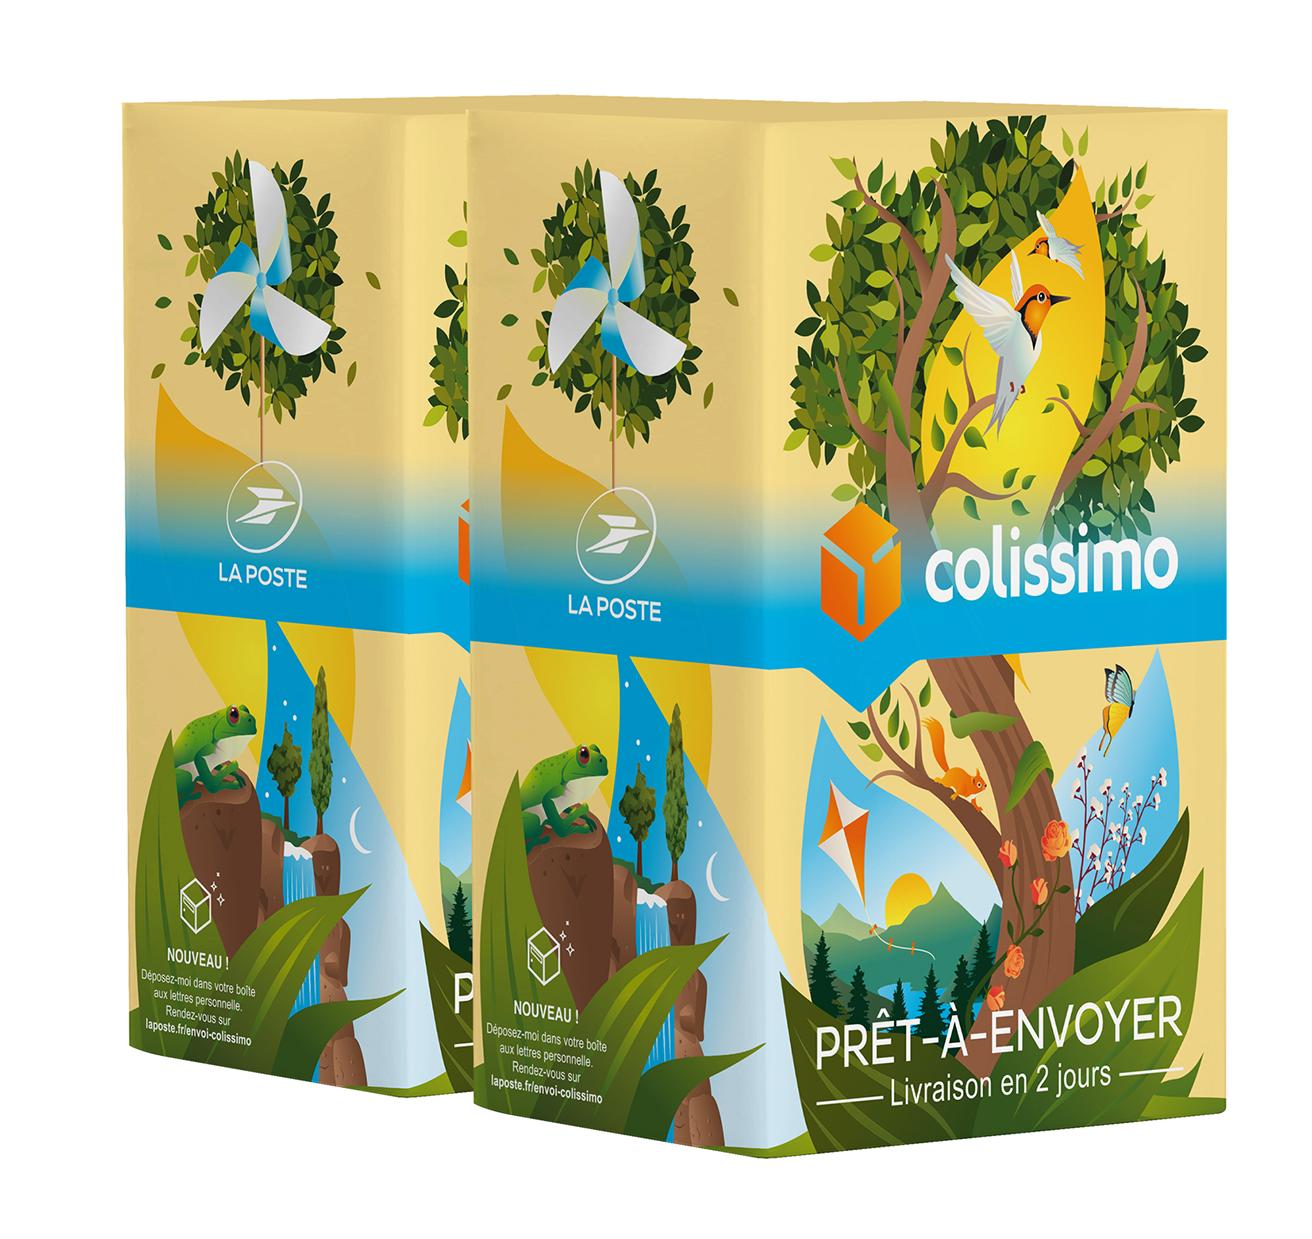 Colissimo Prêt-à-Envoyer France - Boîte de taille L - 5 kg - Edition limitée : Nature